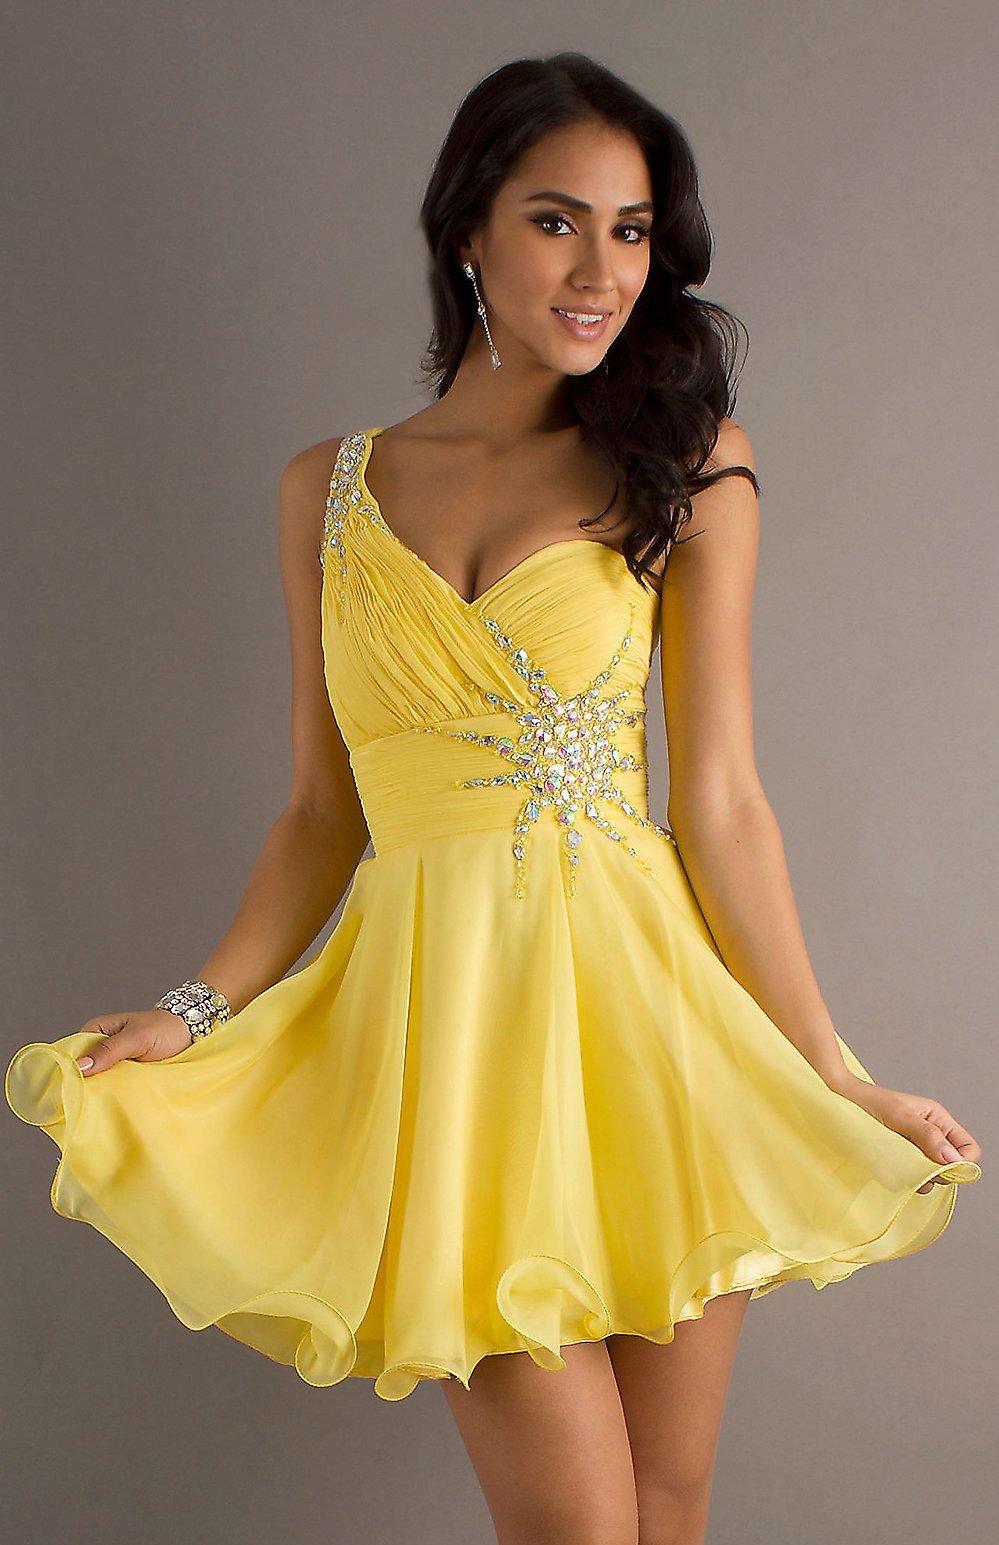 очень красивая девушка в желтом платье - 13